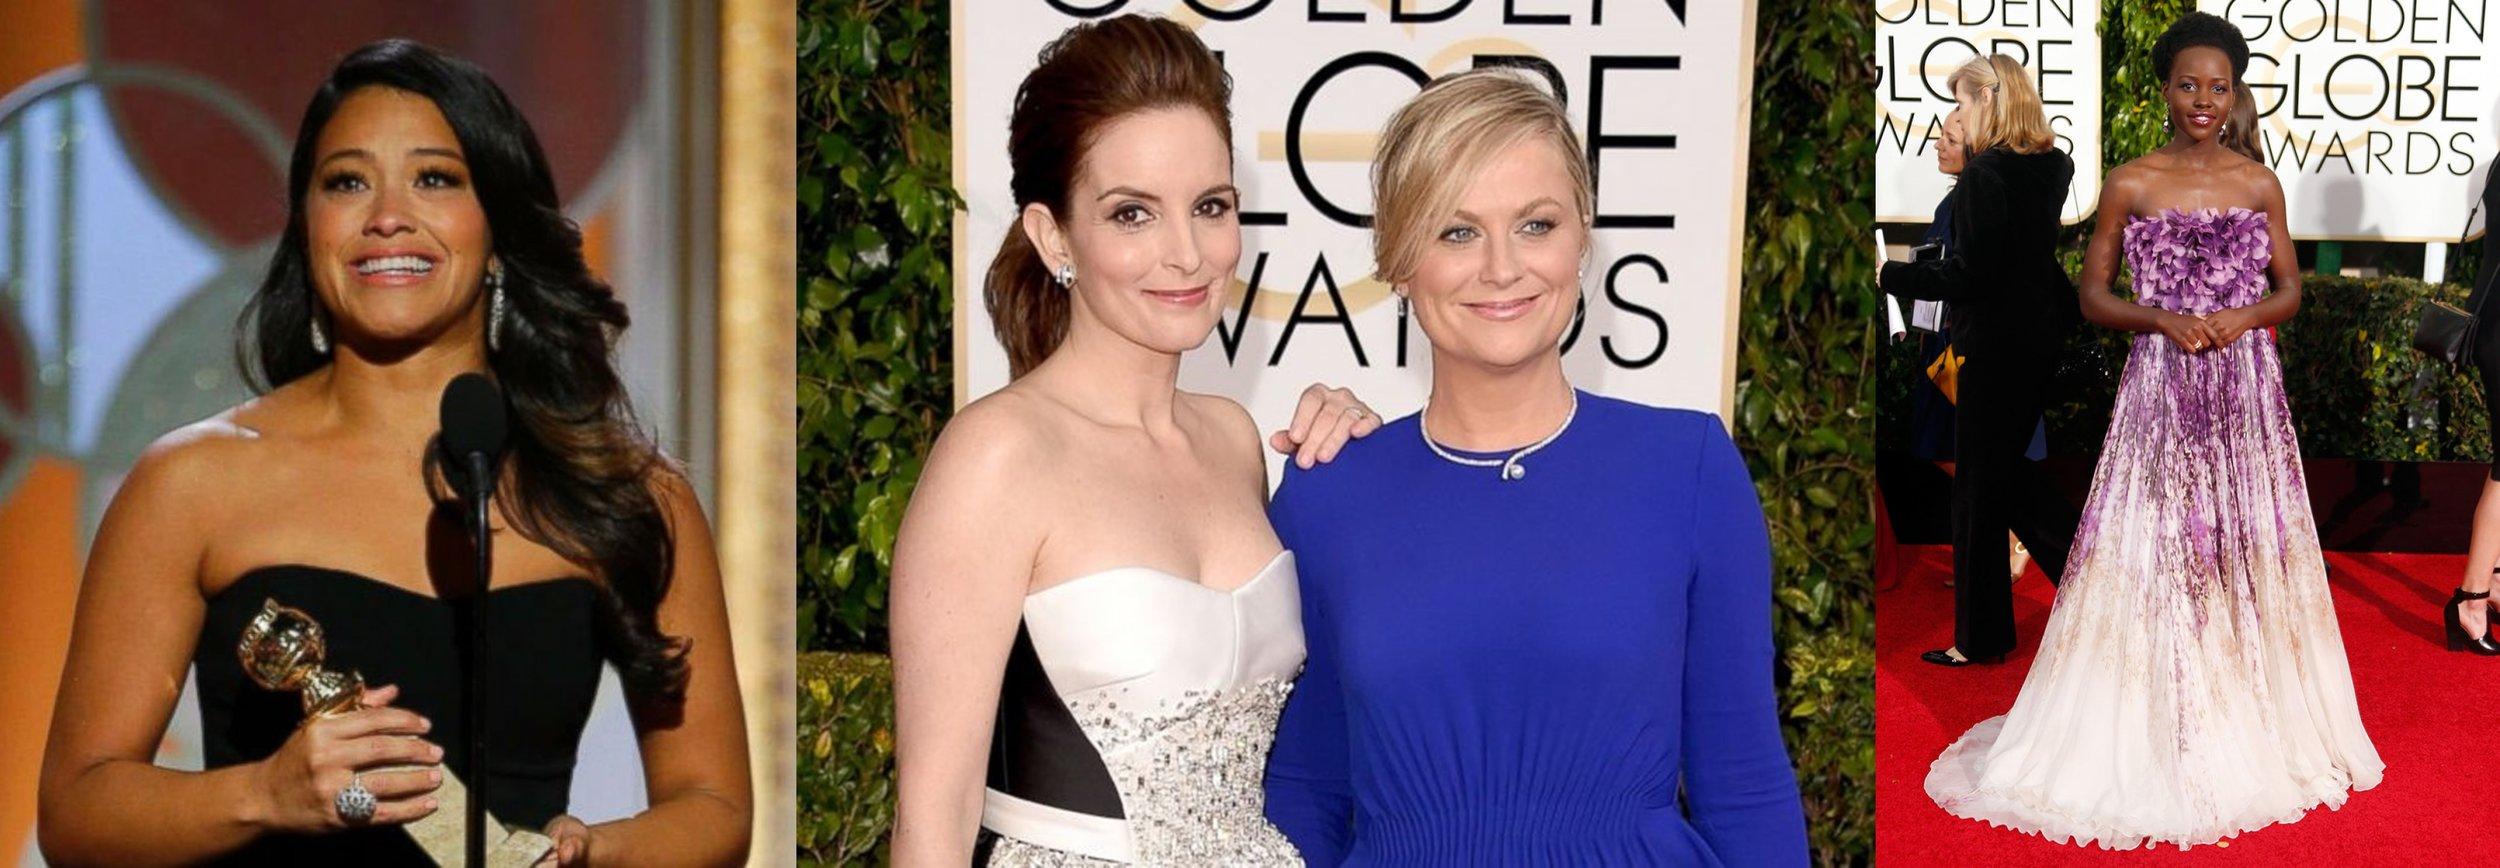 Golden Globes standouts - Gina Rodriguez, Tina Fey, Amy Poehler, Lupita Nyongo